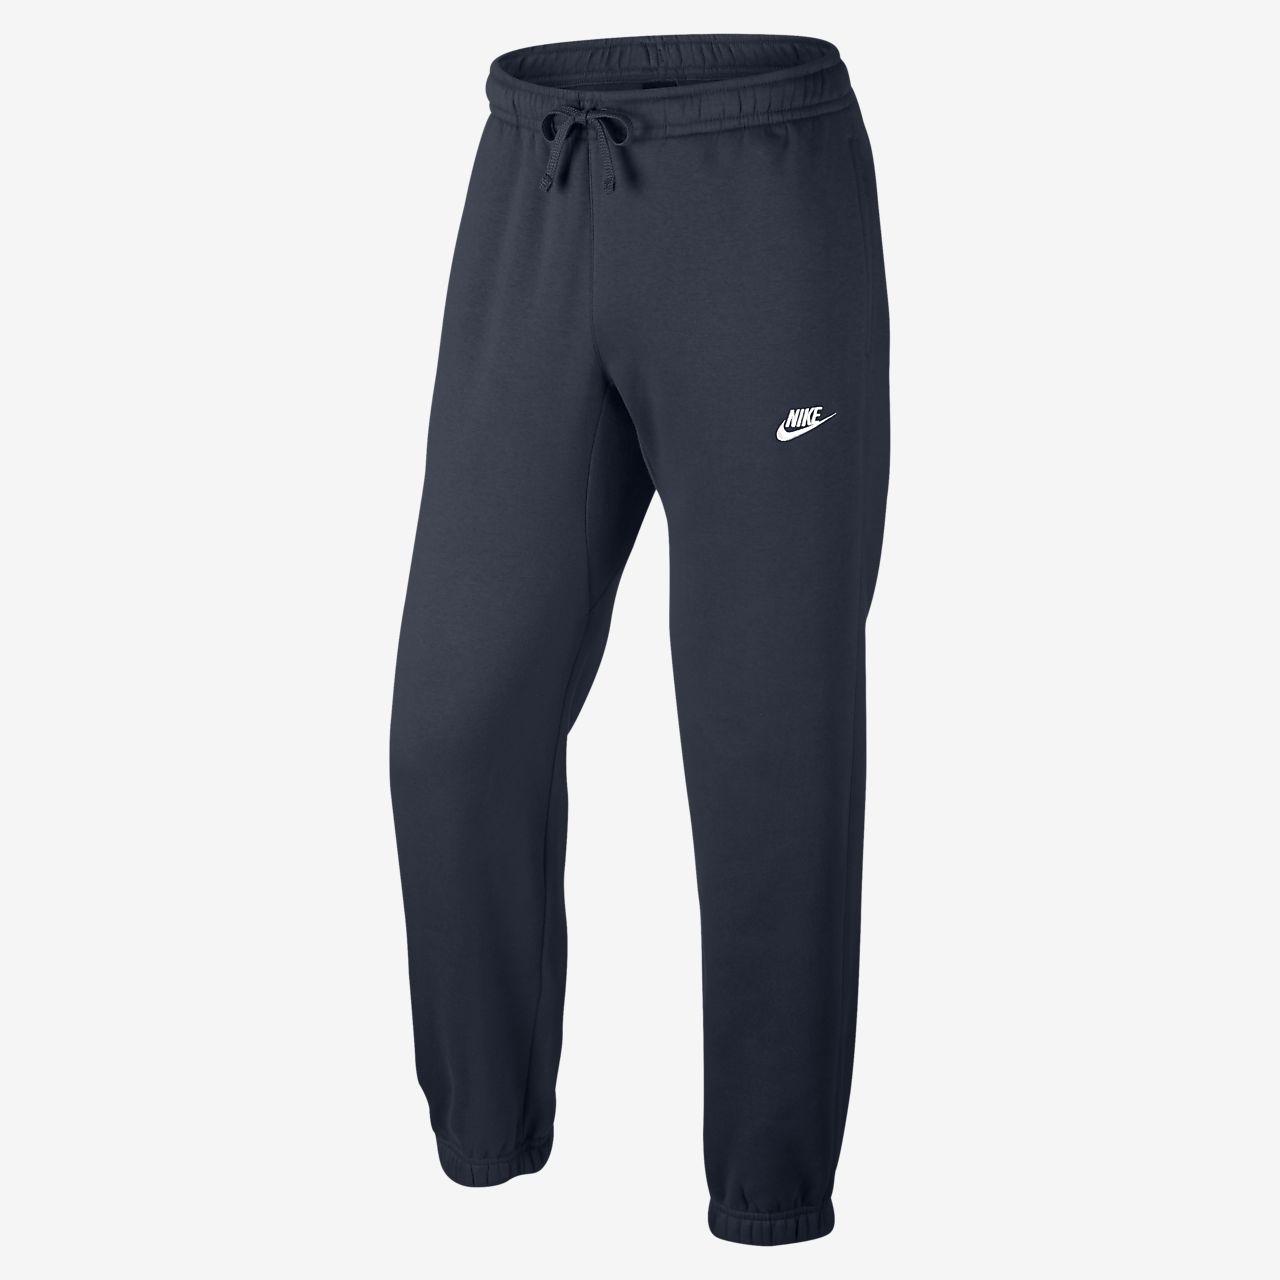 ... Nike Sportswear Men's Standard Fit Fleece Trousers